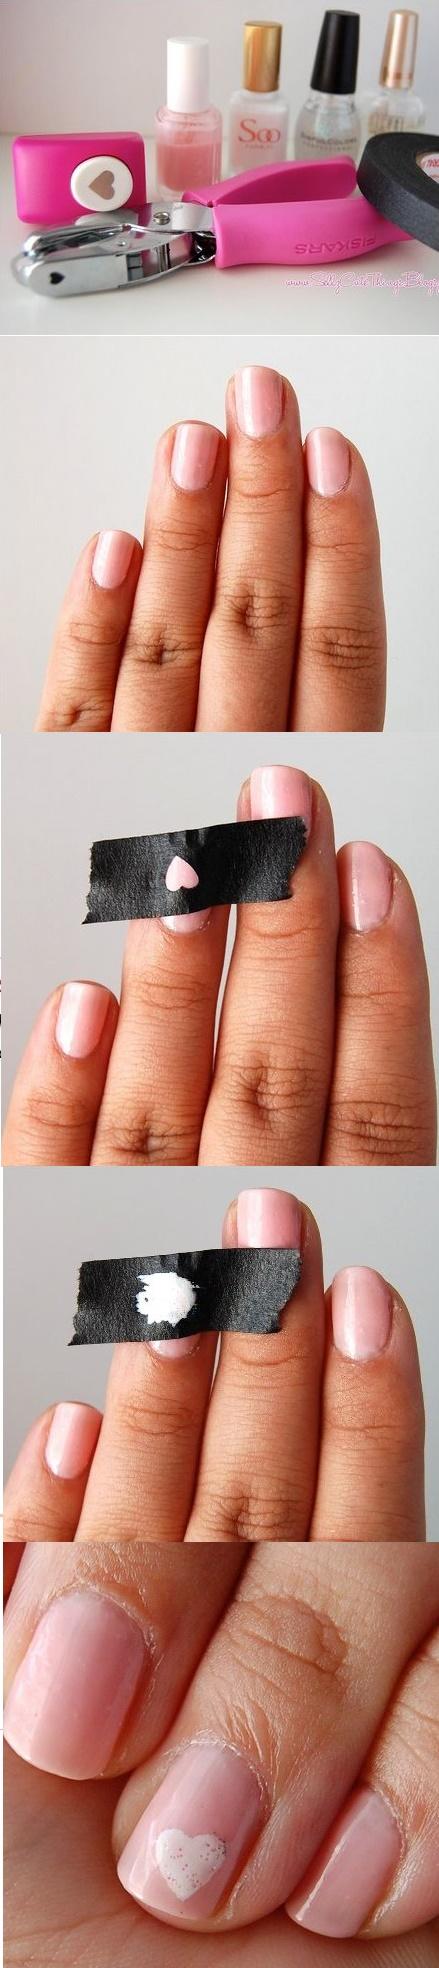 cinta adhesiva uñas